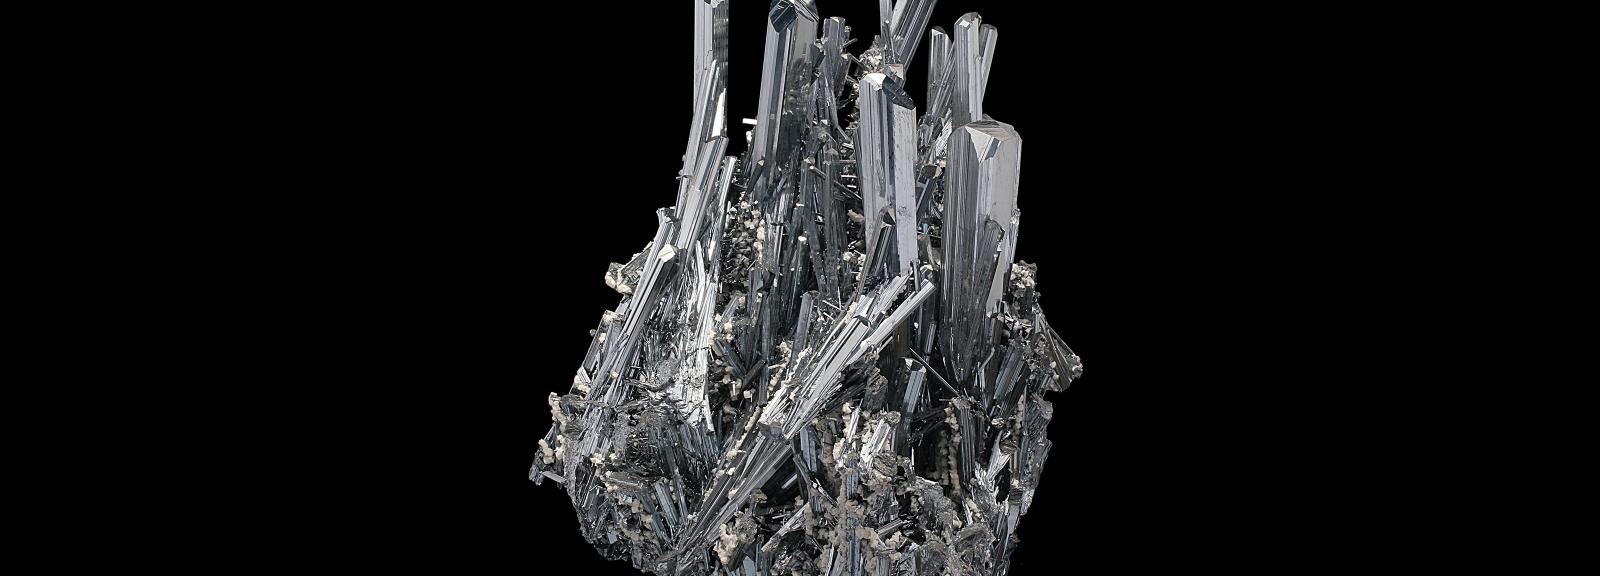 Assemblage de cristaux gris de Stibine ayant un éclat métallique (N° 200.259) © MNHN - Louis-Dominique Bayle